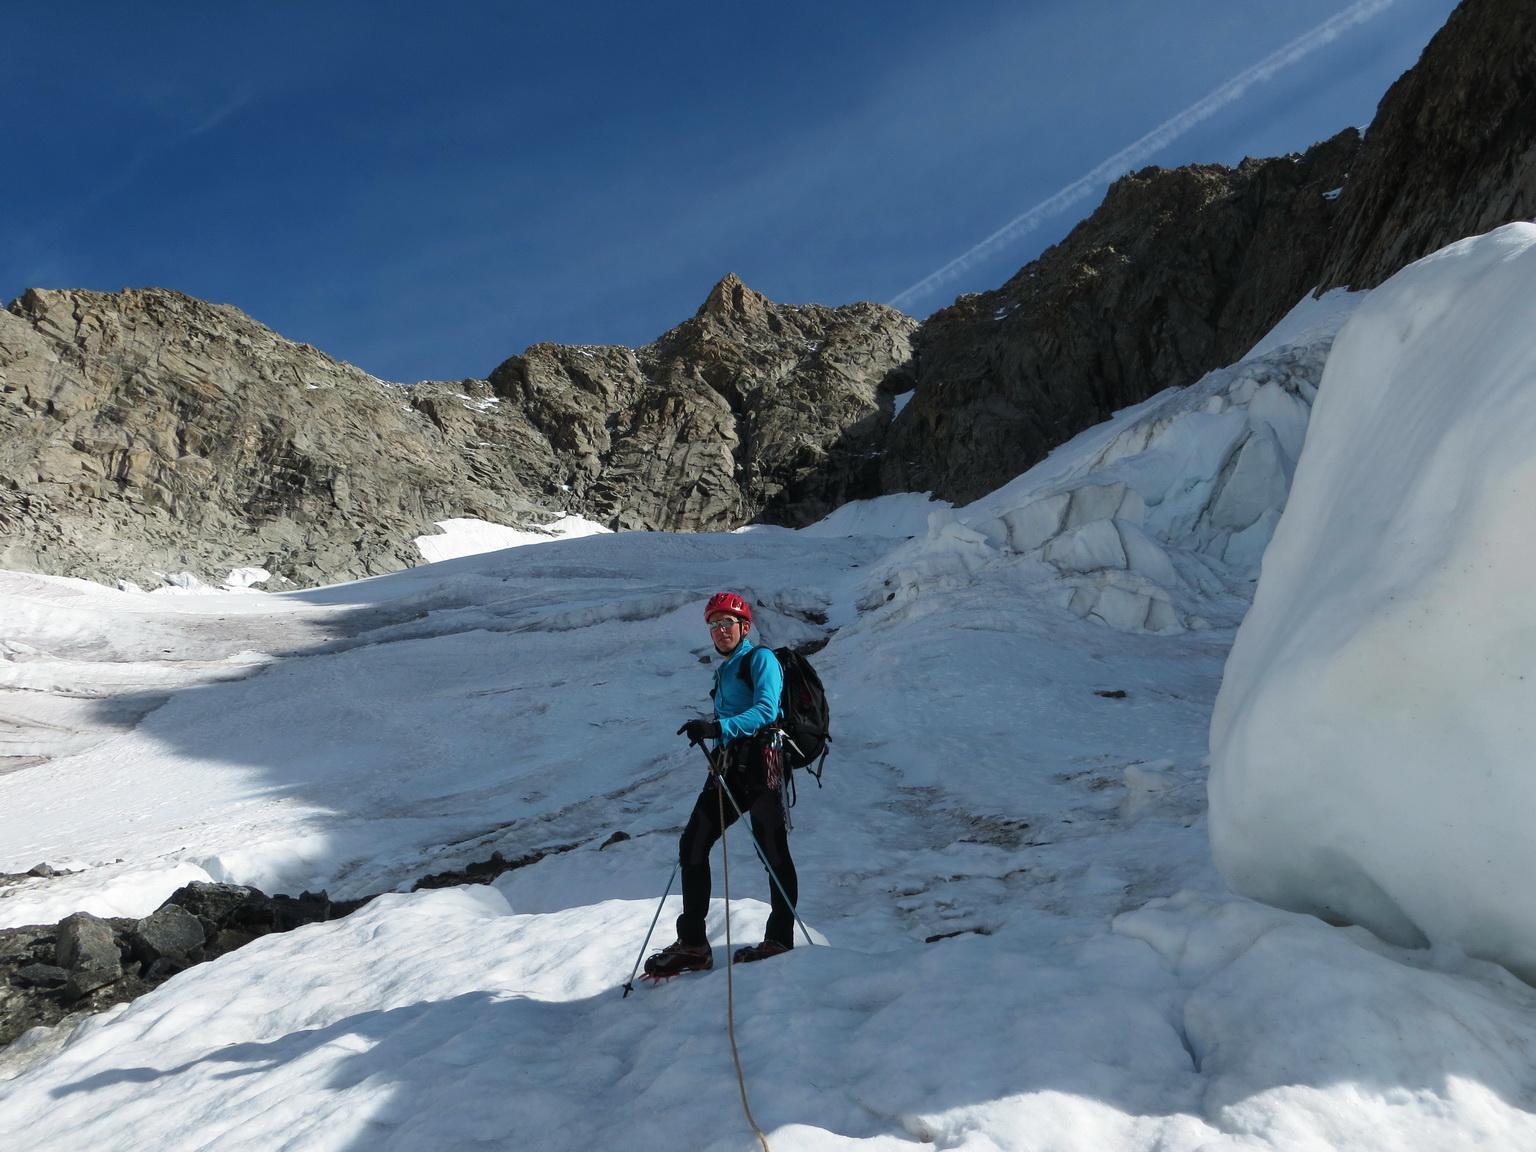 Il ripido ghiacciaio che conduce alla parte alta dell'itinerario